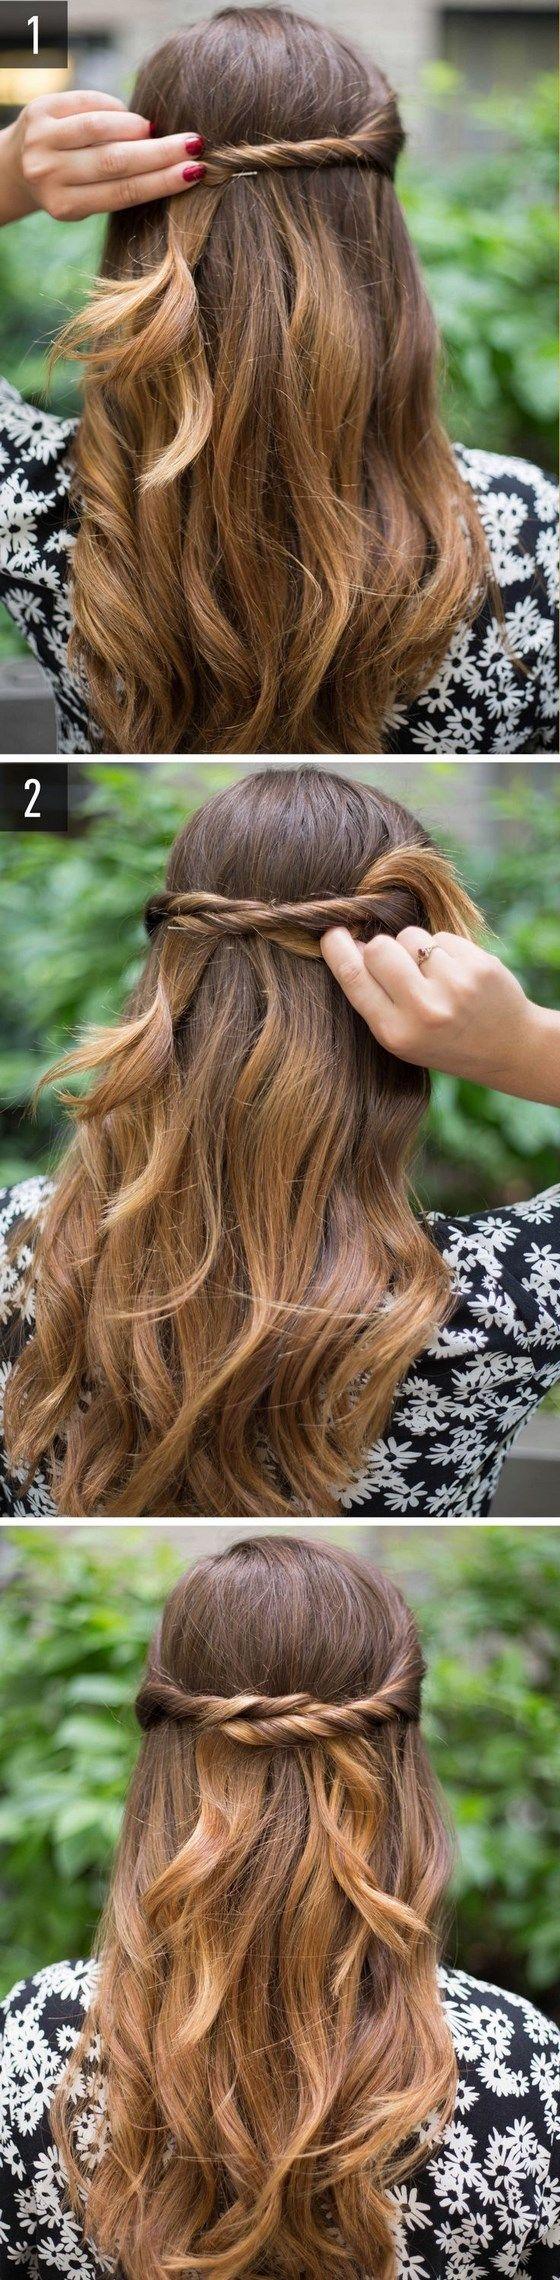 Peinadosfacilesg peinados pinterest hair style